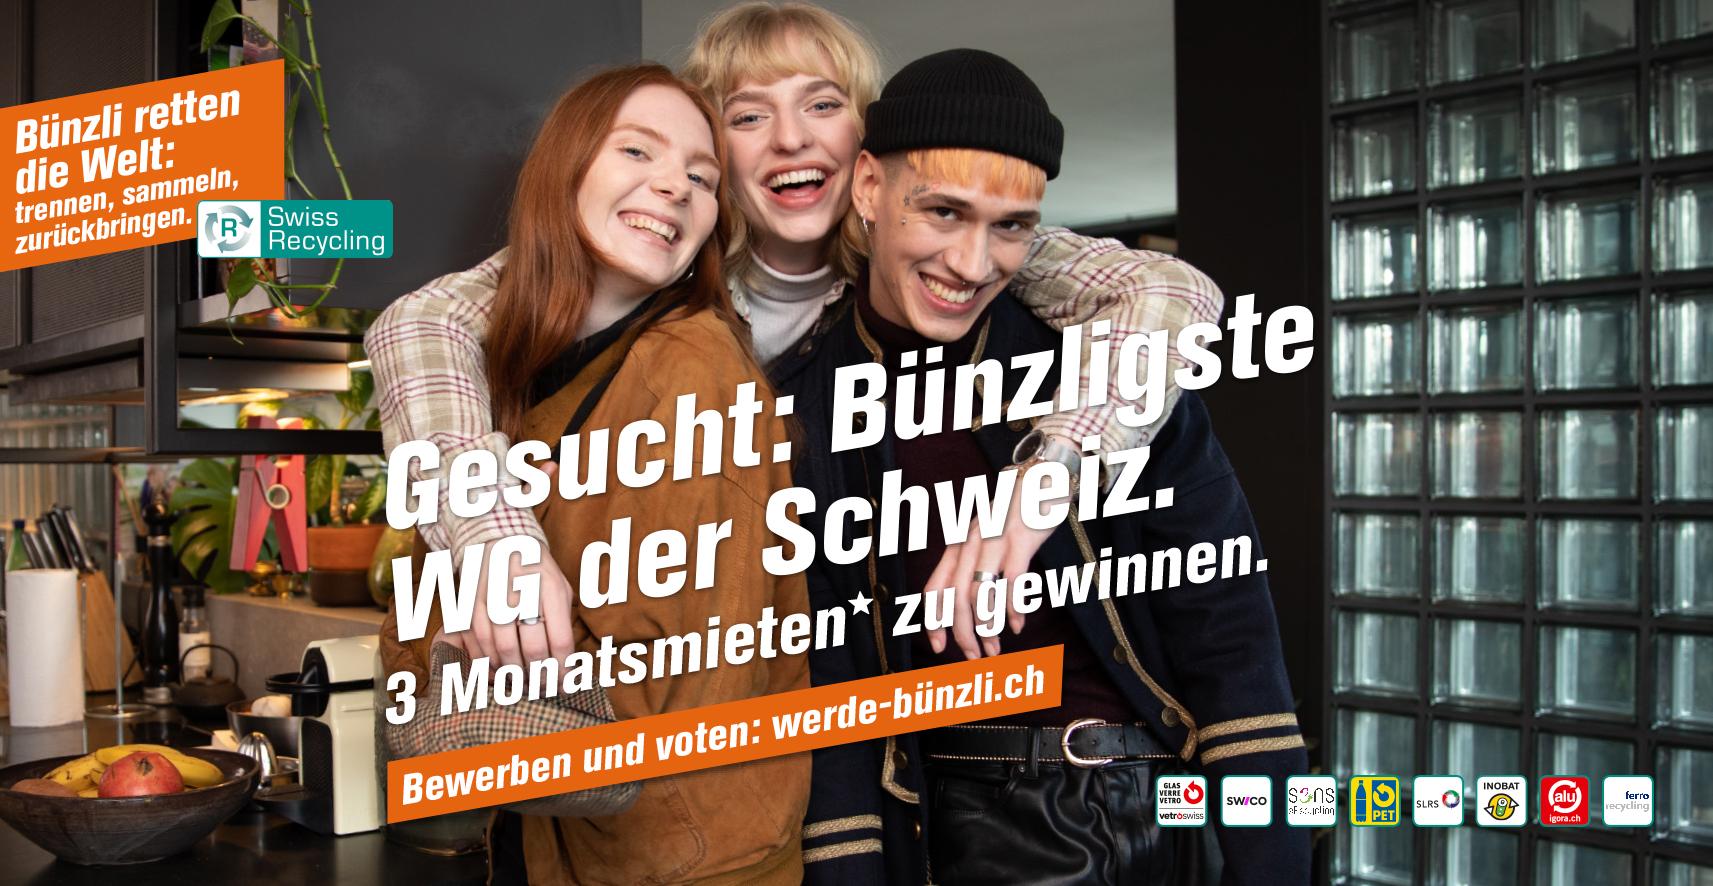 """Swiss Recycling sucht die """"Bünzligste WG der Schweiz"""""""